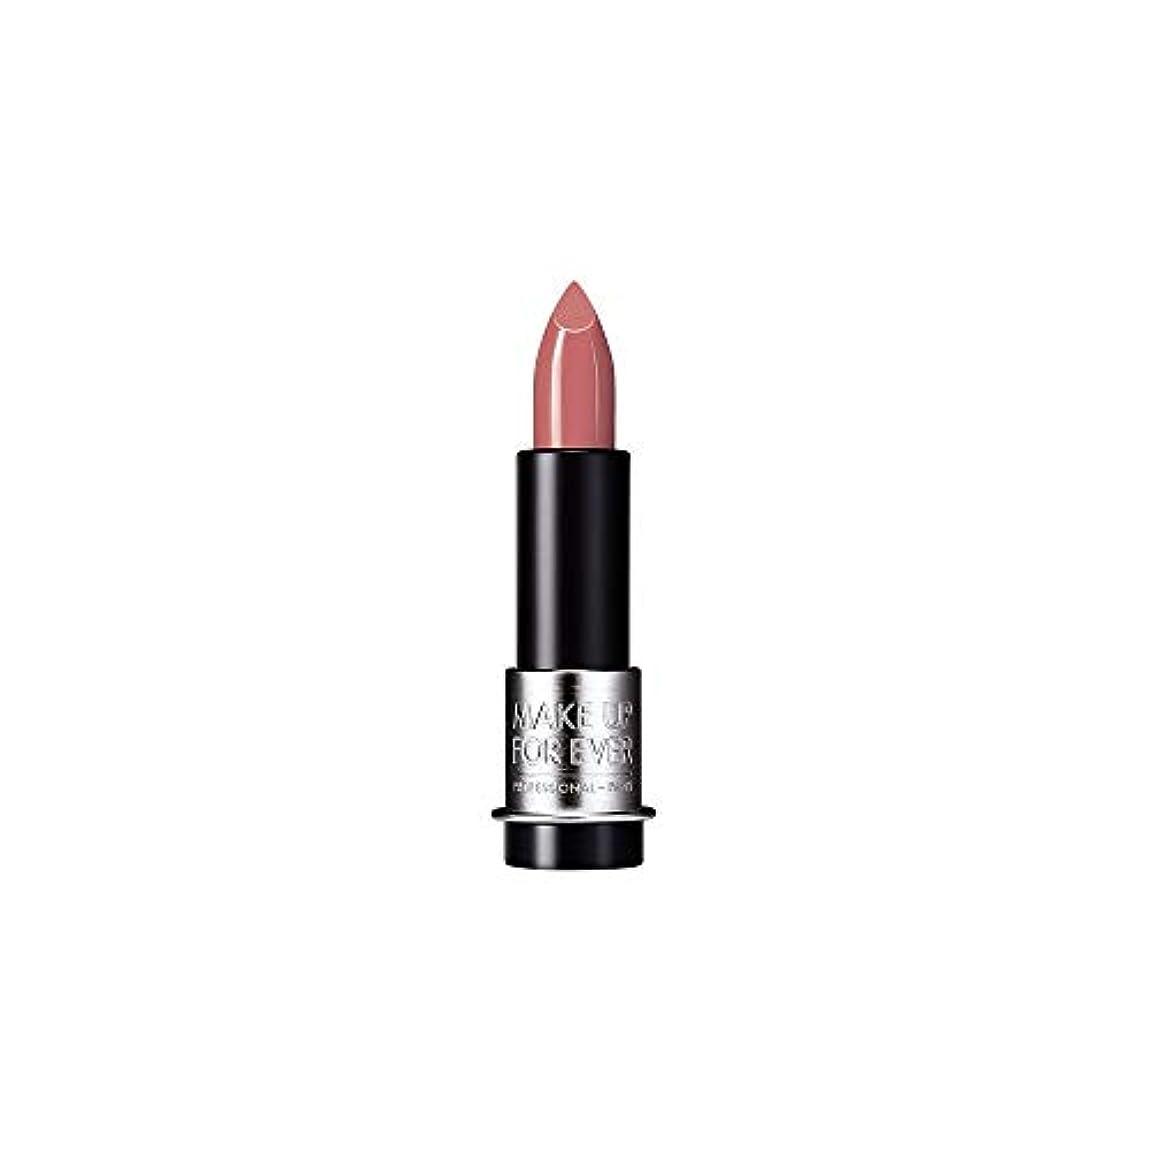 増強第三蘇生する[MAKE UP FOR EVER] これまでアーティストルージュクリーム口紅3.5グラムのC211を補う - 木材をバラ - MAKE UP FOR EVER Artist Rouge Creme Lipstick 3.5g...